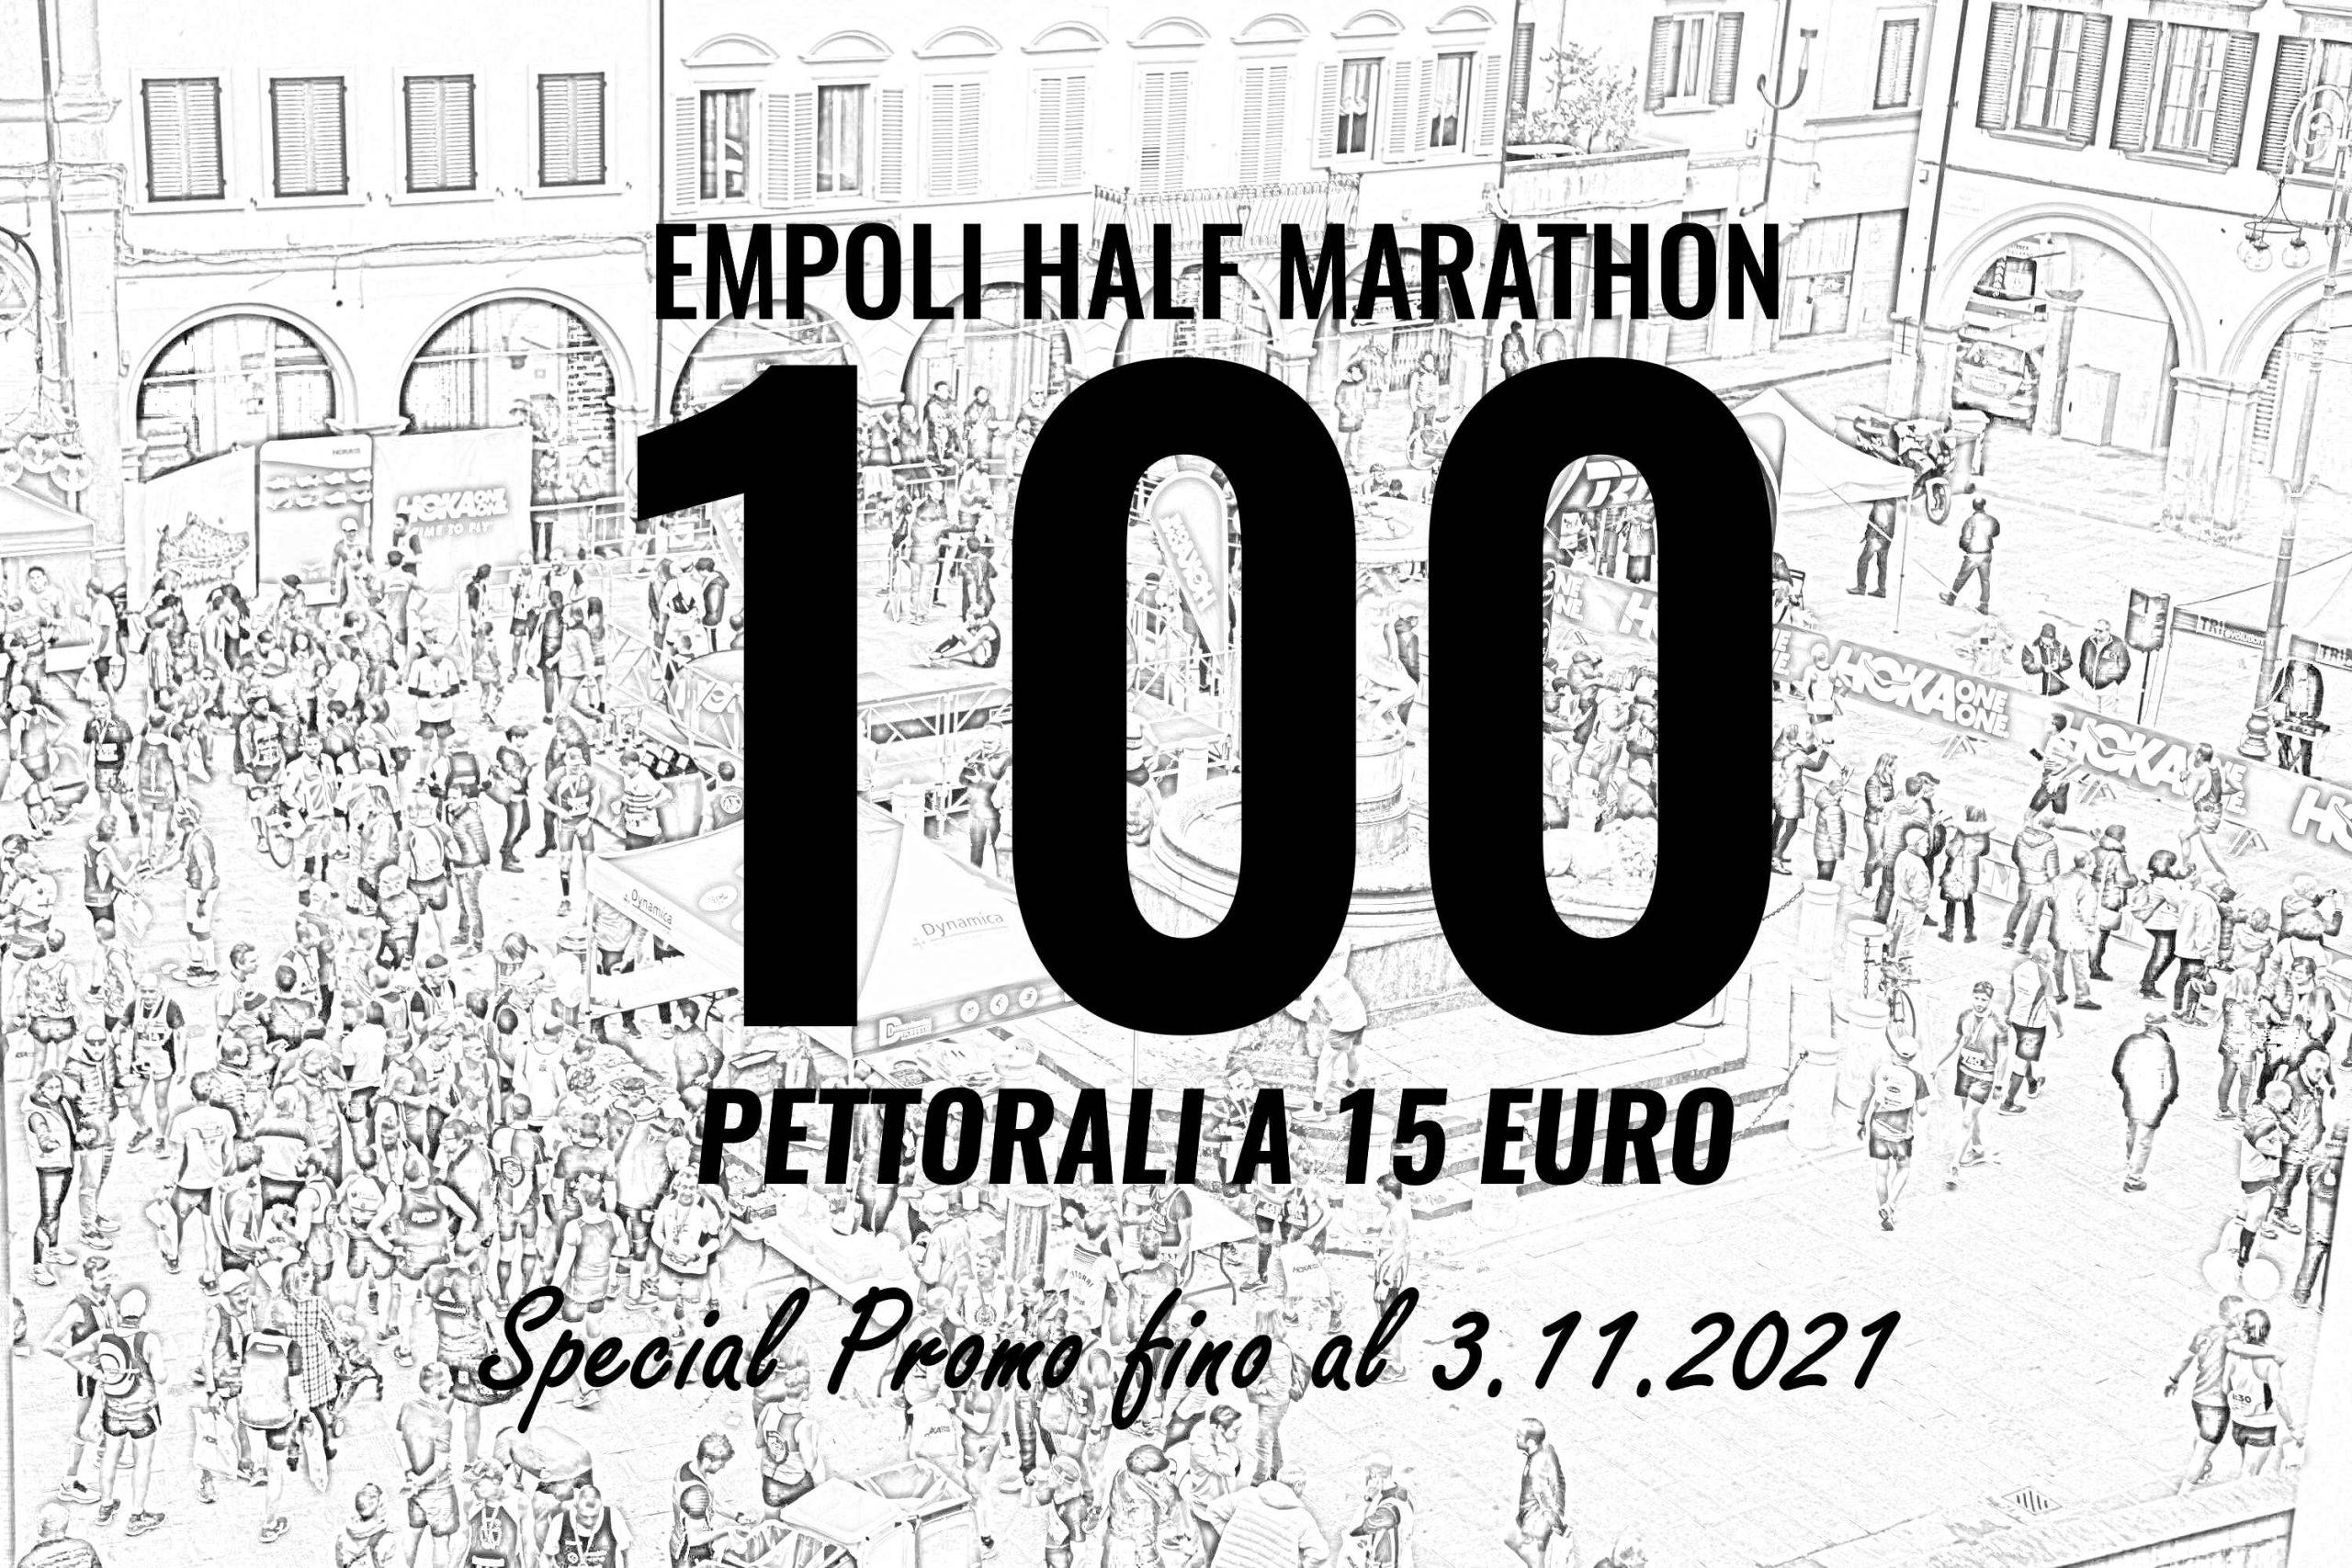 Special Promo per 100 pettorali a 15 euro, fino al 3 novembre!